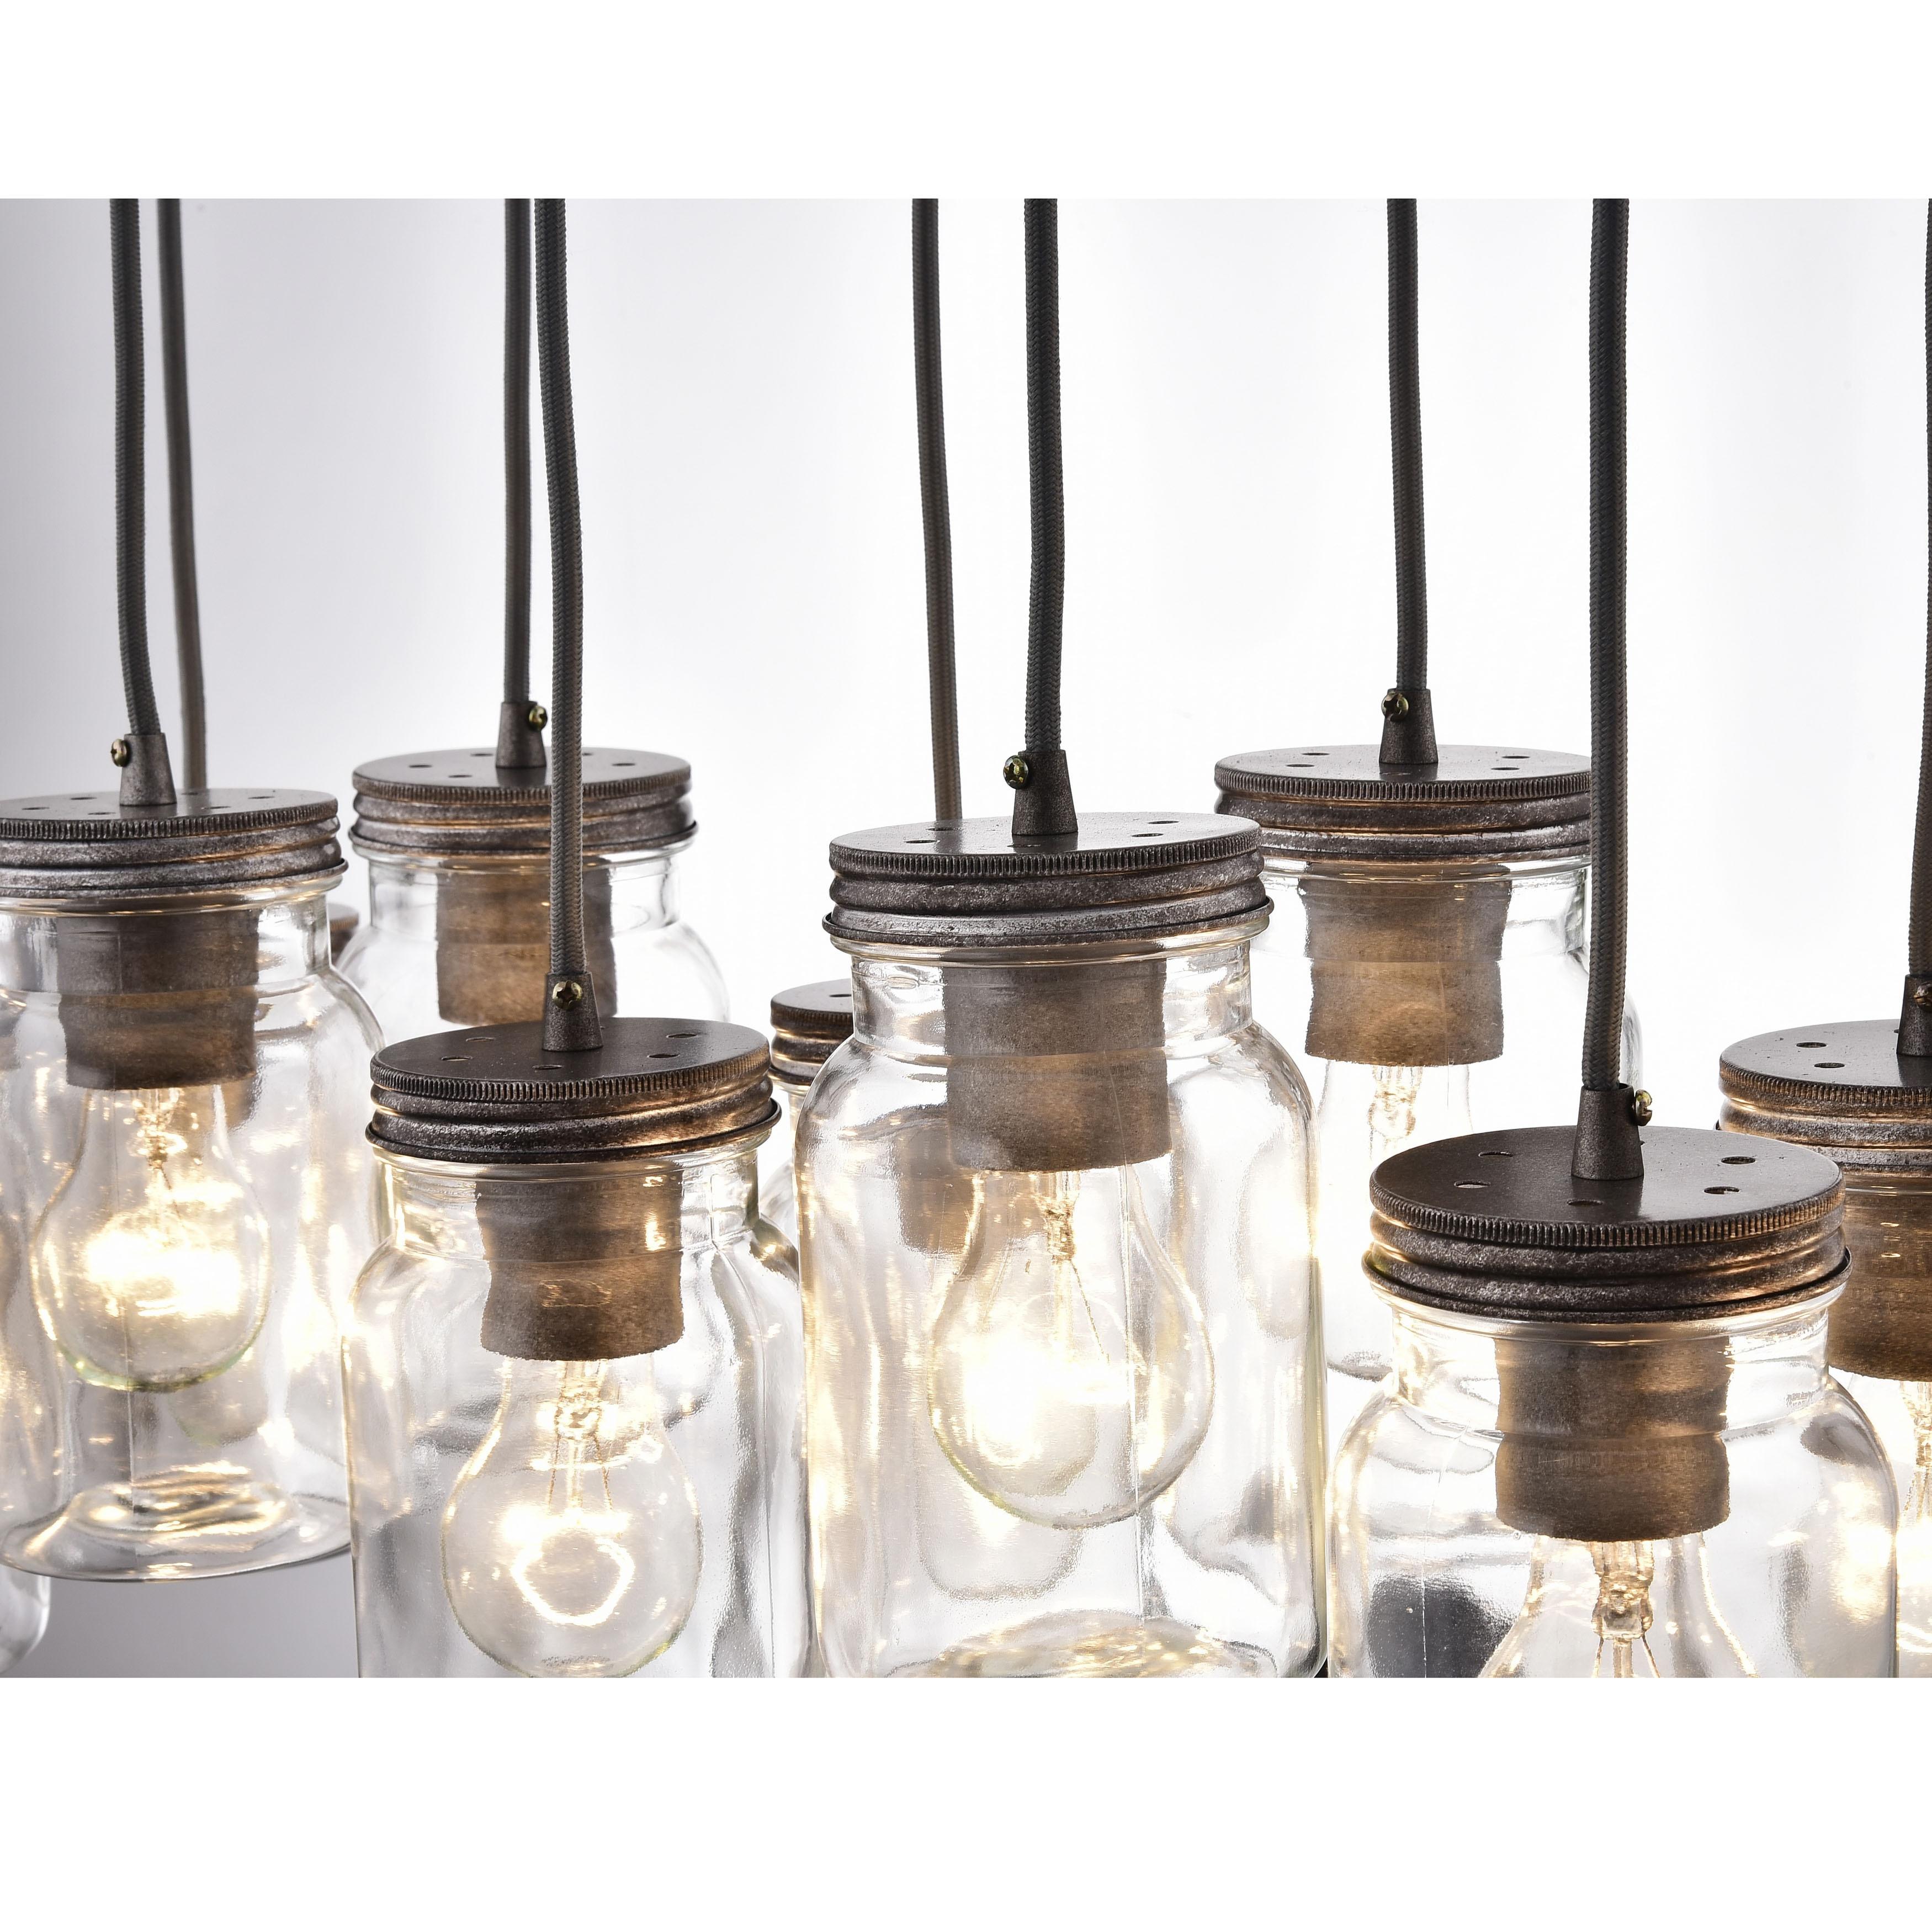 UNIQUE Mason Jar Light Chandelier Pendant Ceiling 7 Jars VINTAGE look.  $280.00, via Etsy. | Our home + | Pinterest | Mason jar lighting, Jar lights  and ...